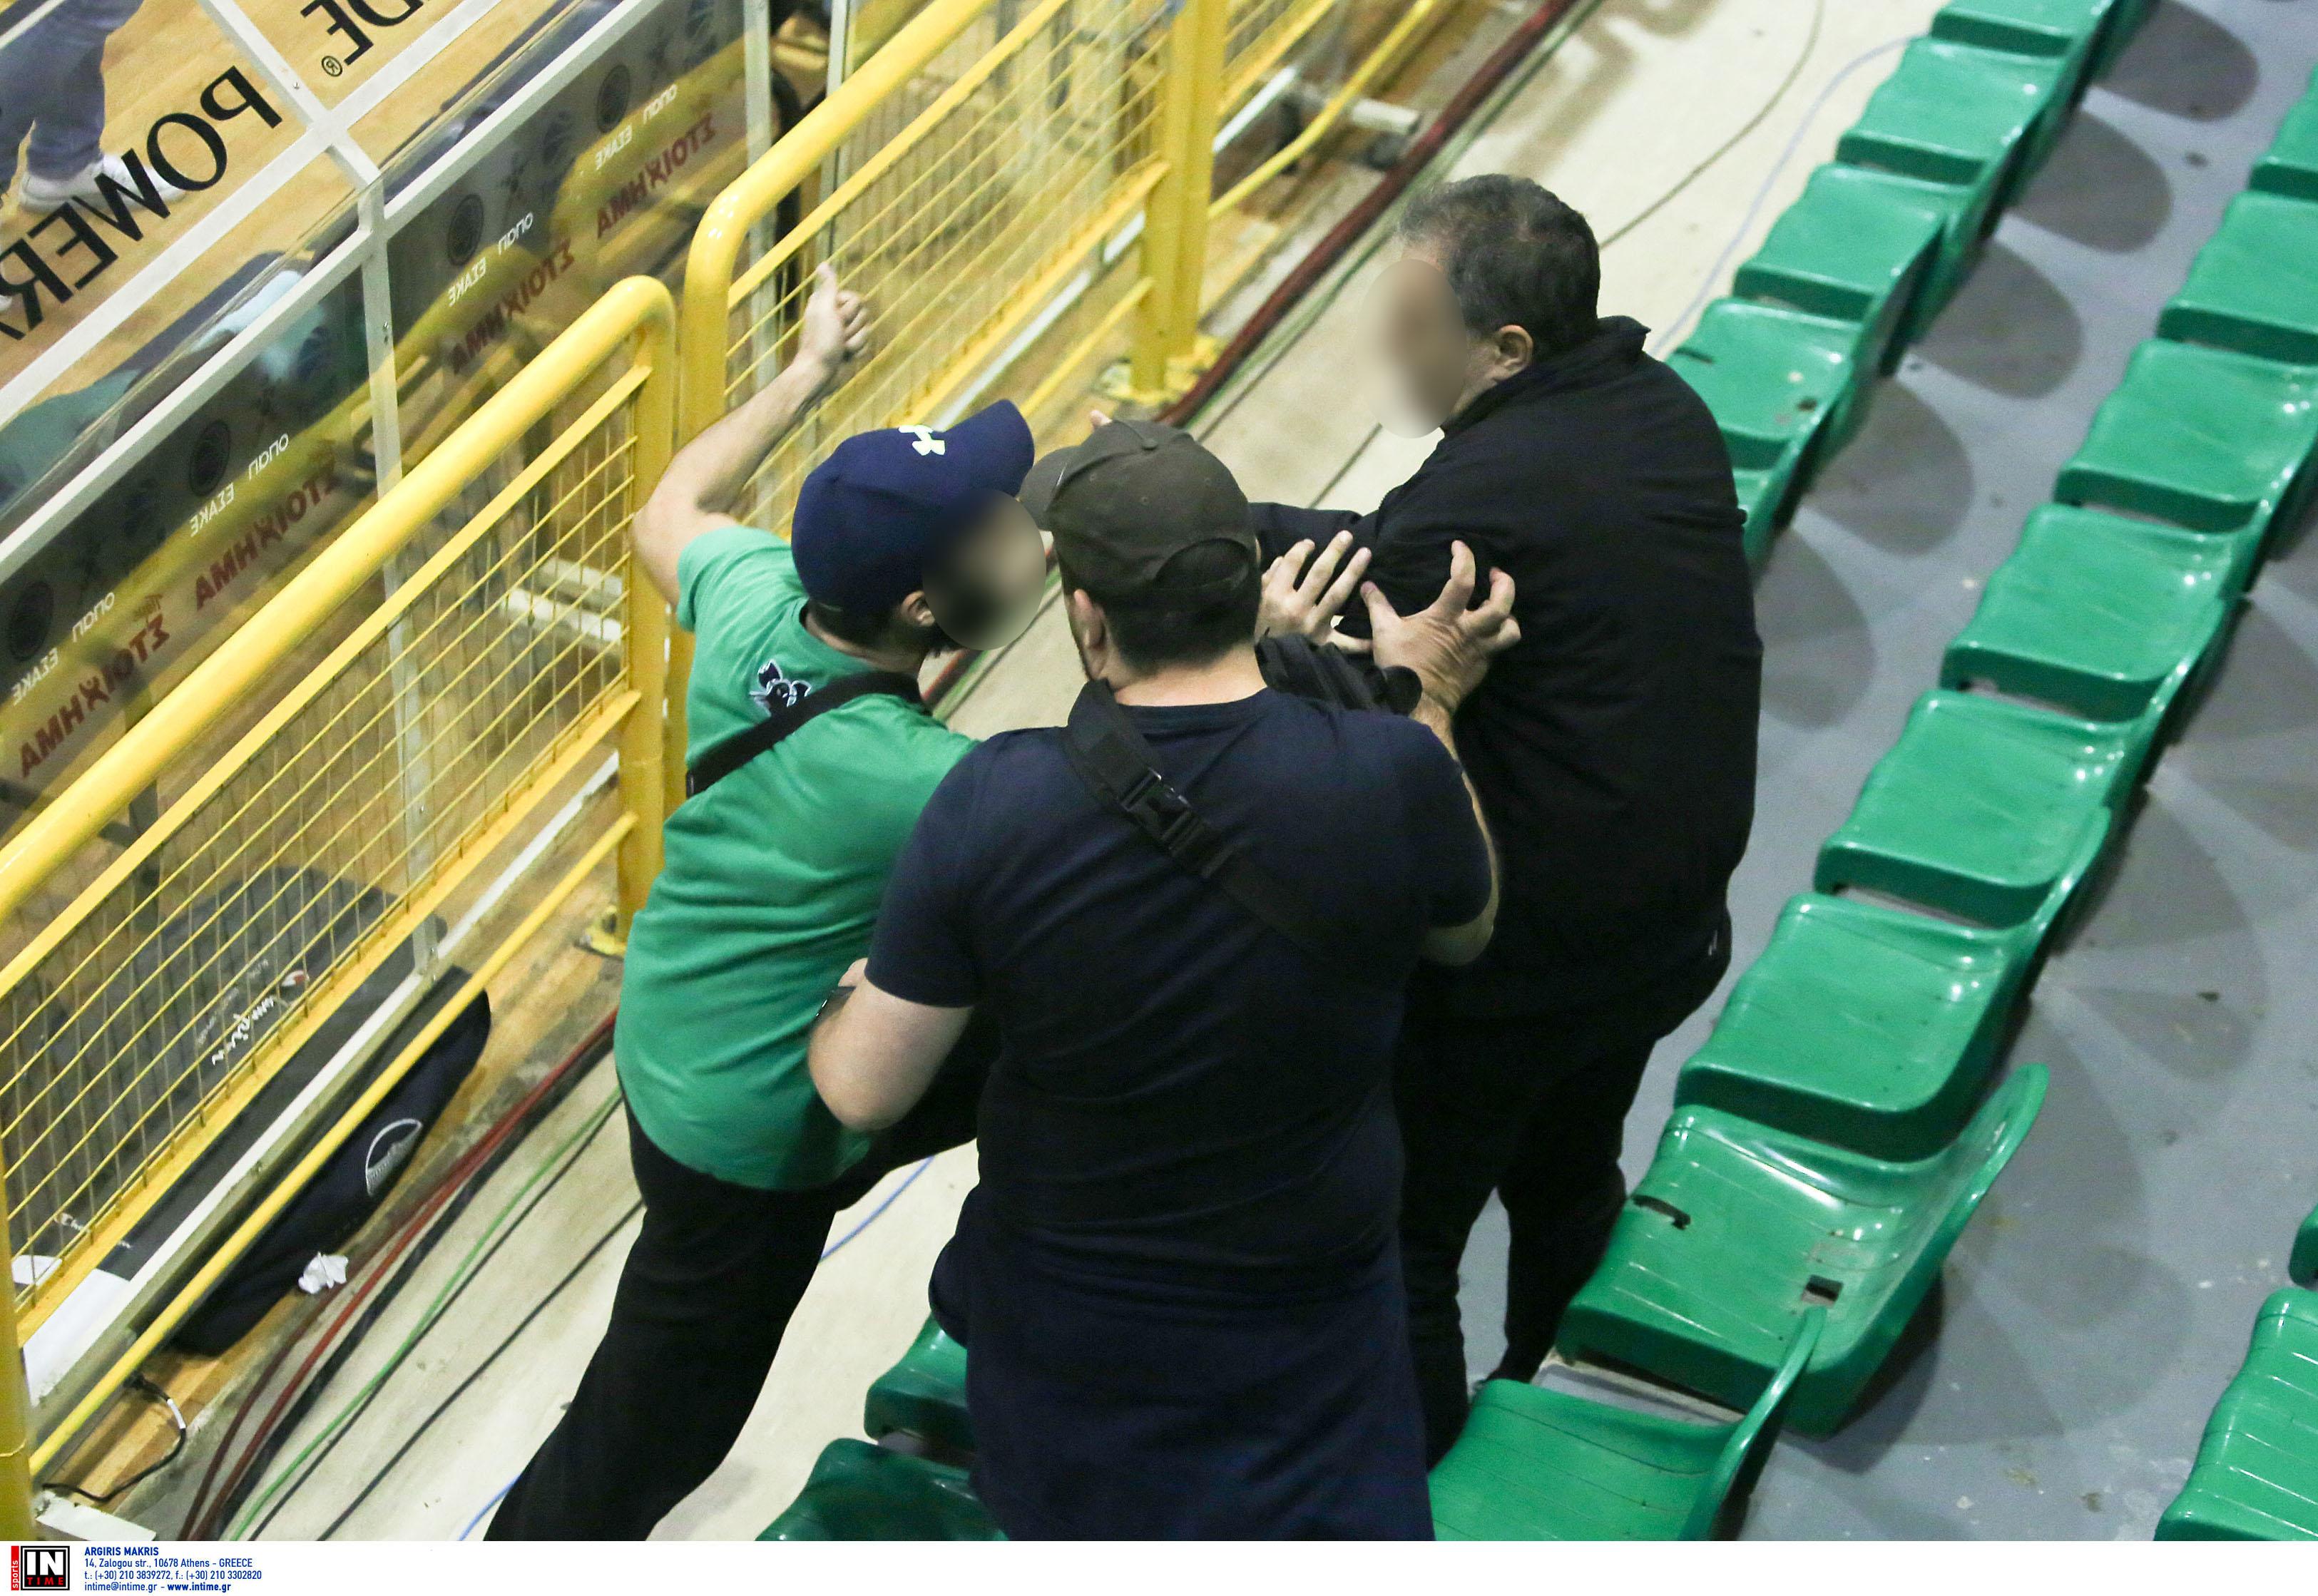 Παναθηναϊκός - Ολυμπιακός: Ξύλο και διακοπή! [Pics]